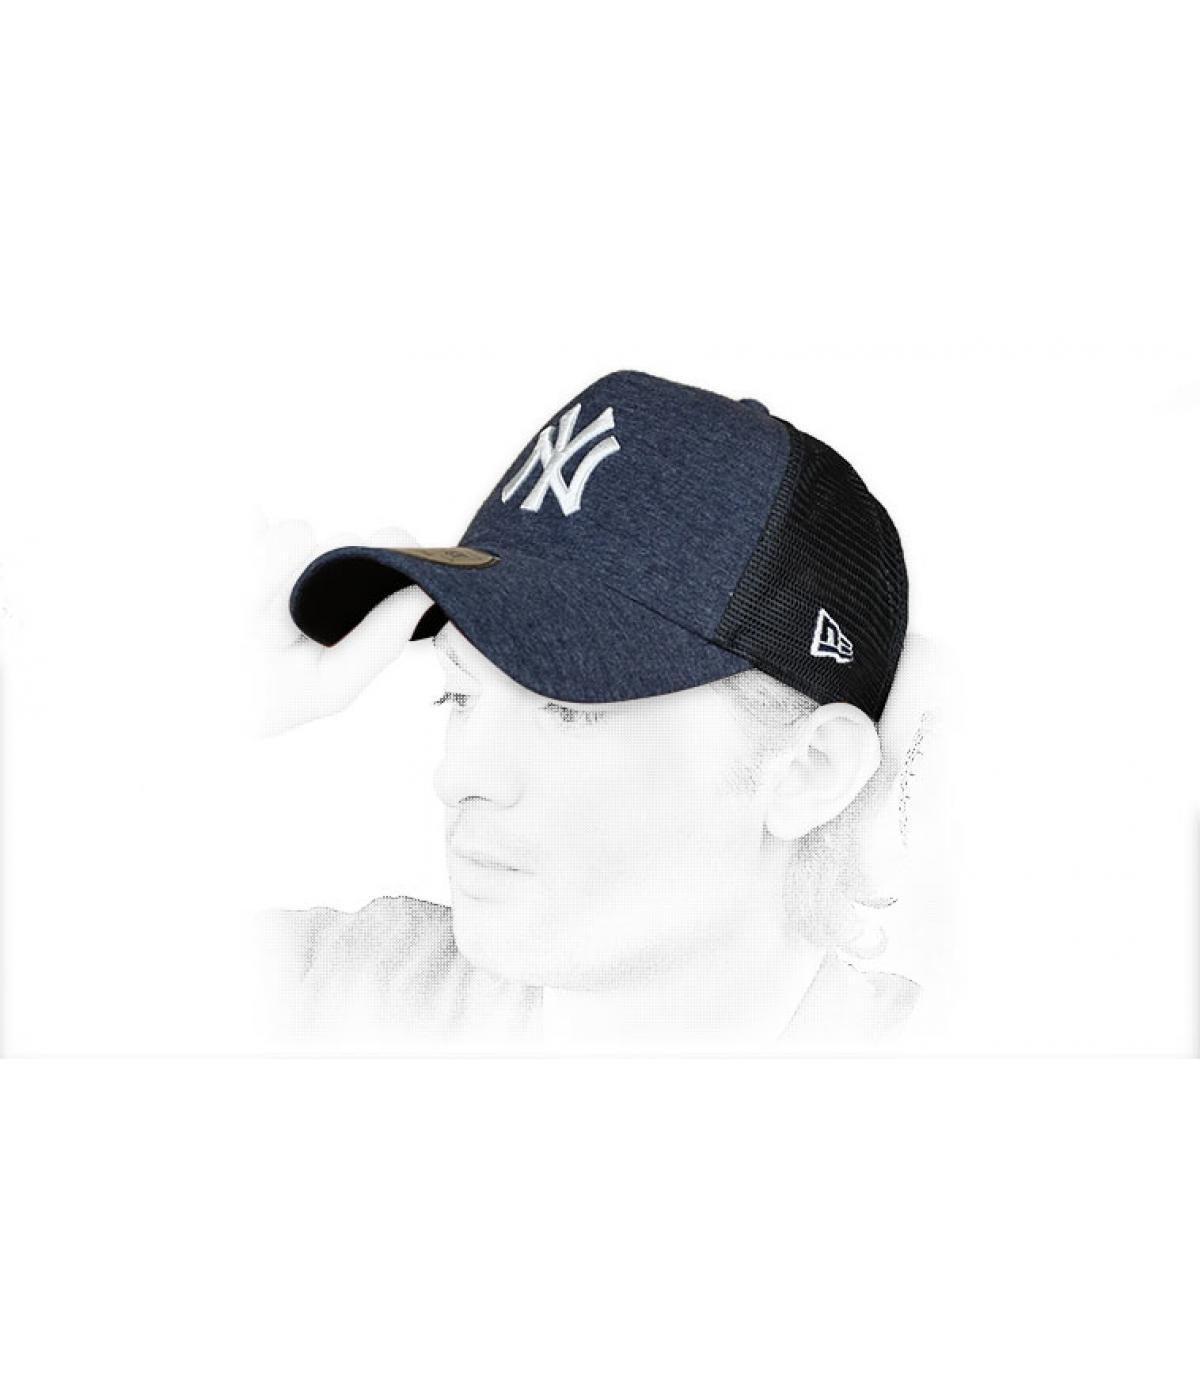 blue white NY trucker